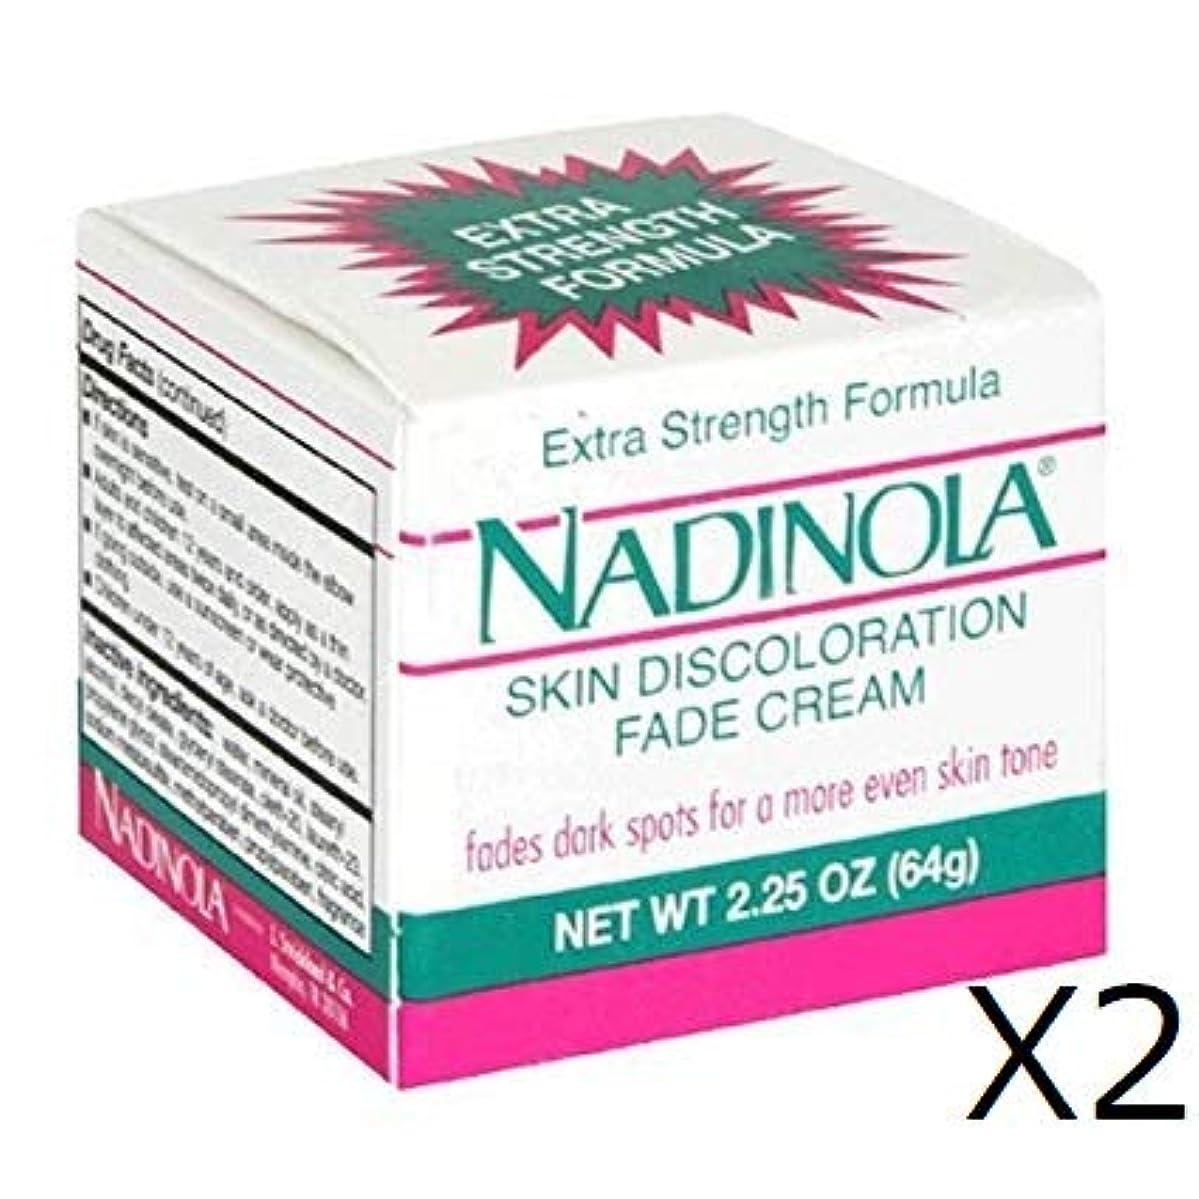 骨髄バンカーセージNadinola Discoloration Fade Cream 2.25oz Extra Strength (64gX2個)